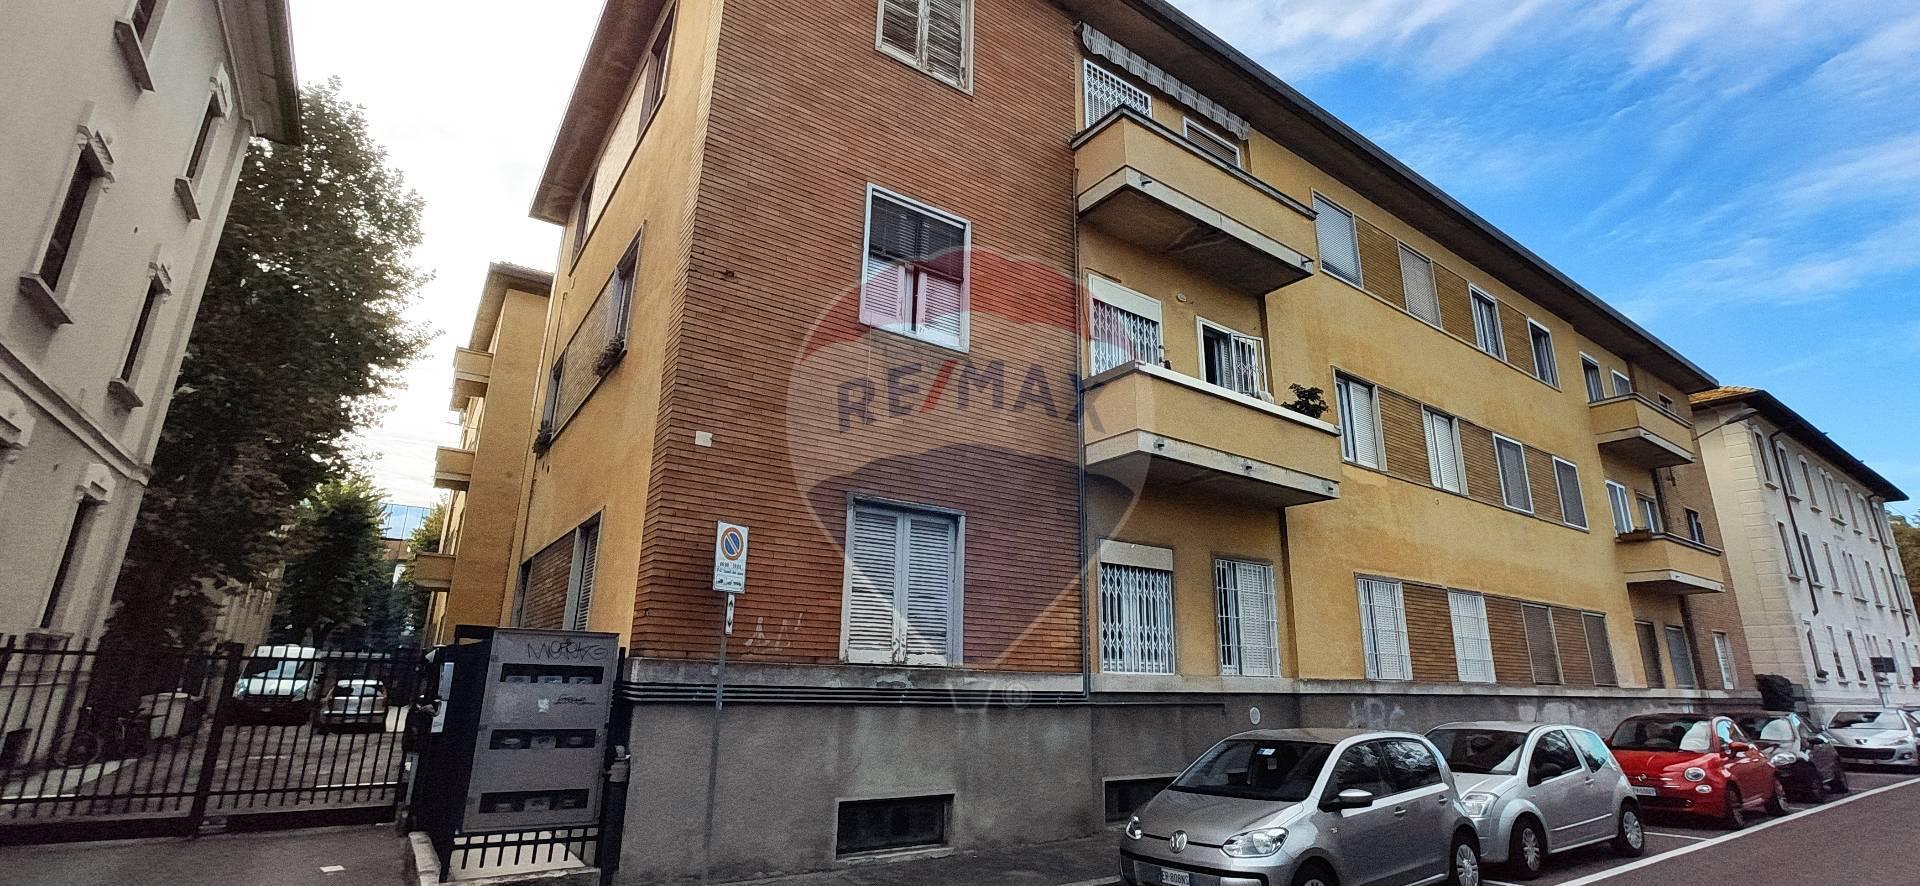 APPARTAMENTO in Vendita a Oltrestazione, Legnano (MILANO)